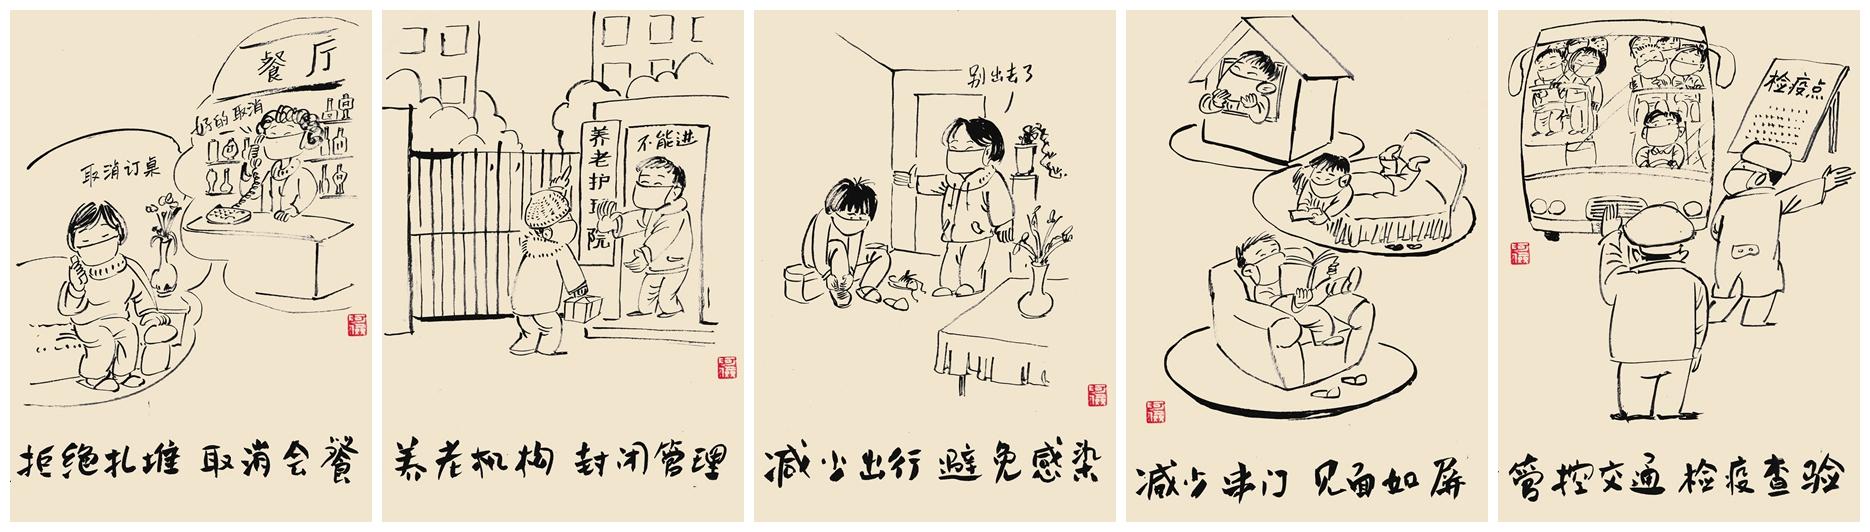 《防範疫情》陶開儉  漫畫